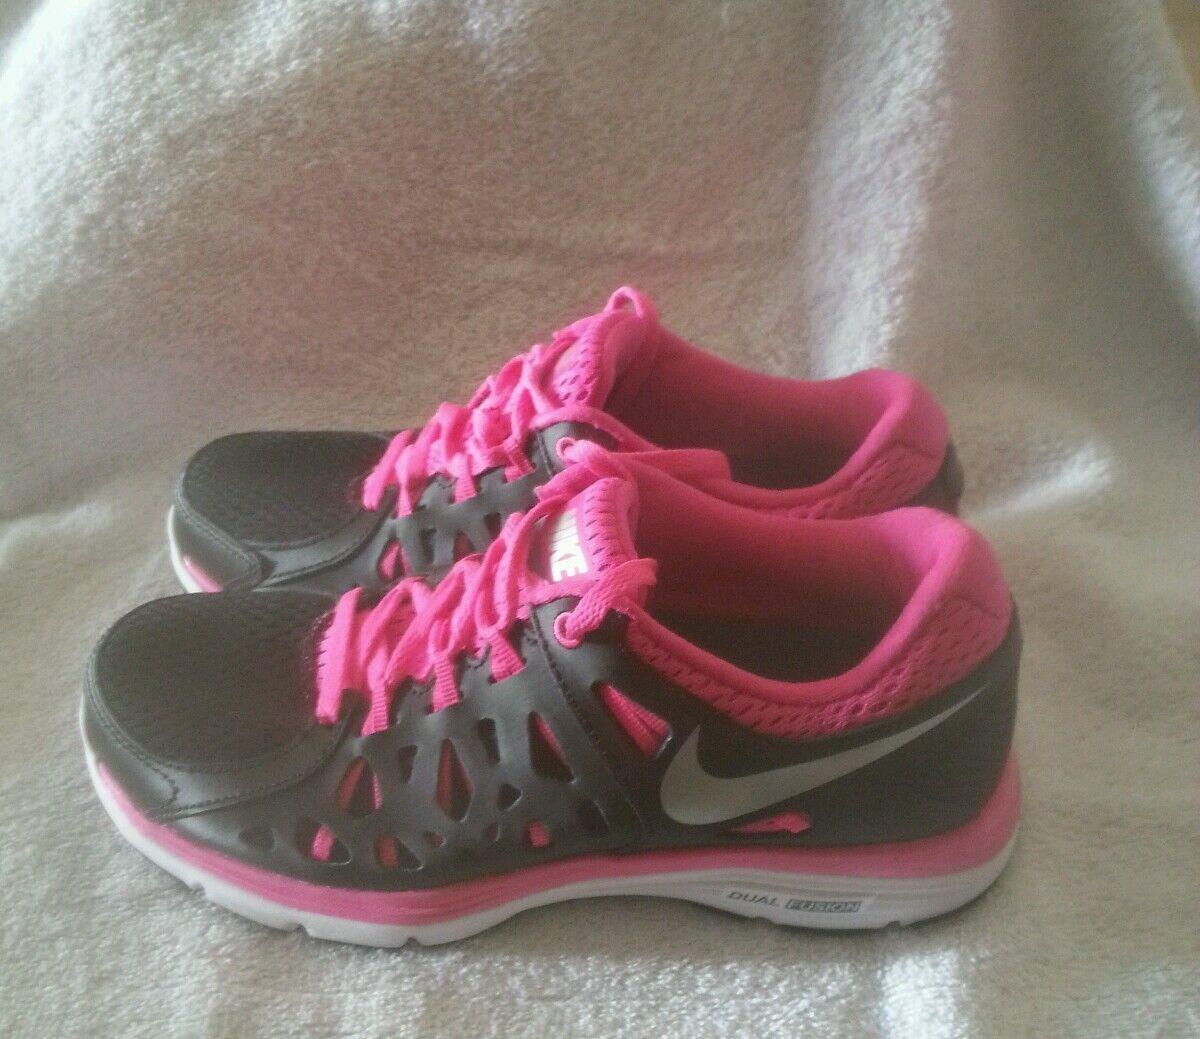 NIKE DUAL FUSION  WOMEN'S SIZE 6 RUN 2 BLACK/ METALLIC SILVER (599564-006) Schuhe